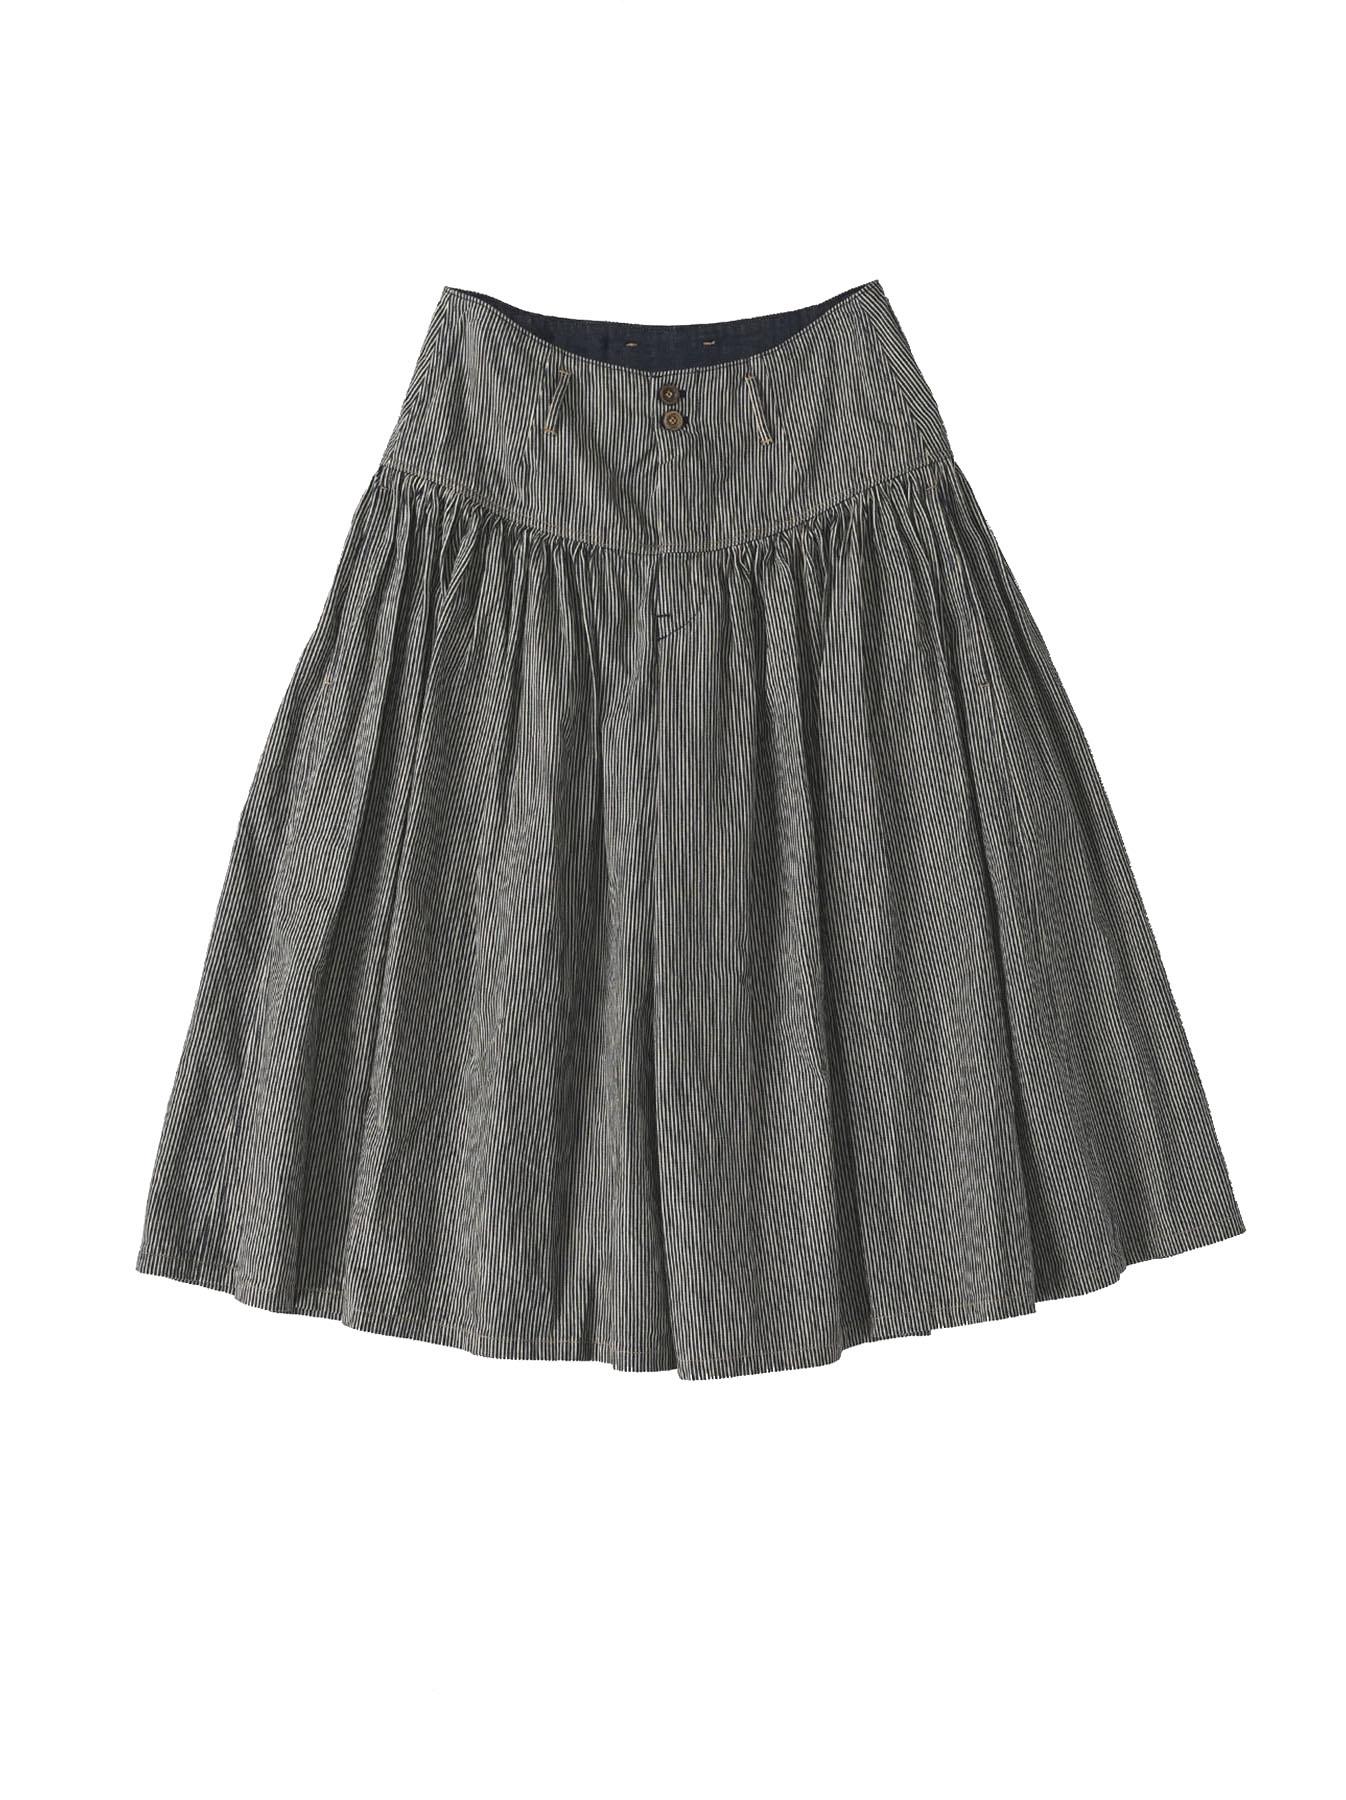 Denim Gathered Culottes Skirt(0721)-6